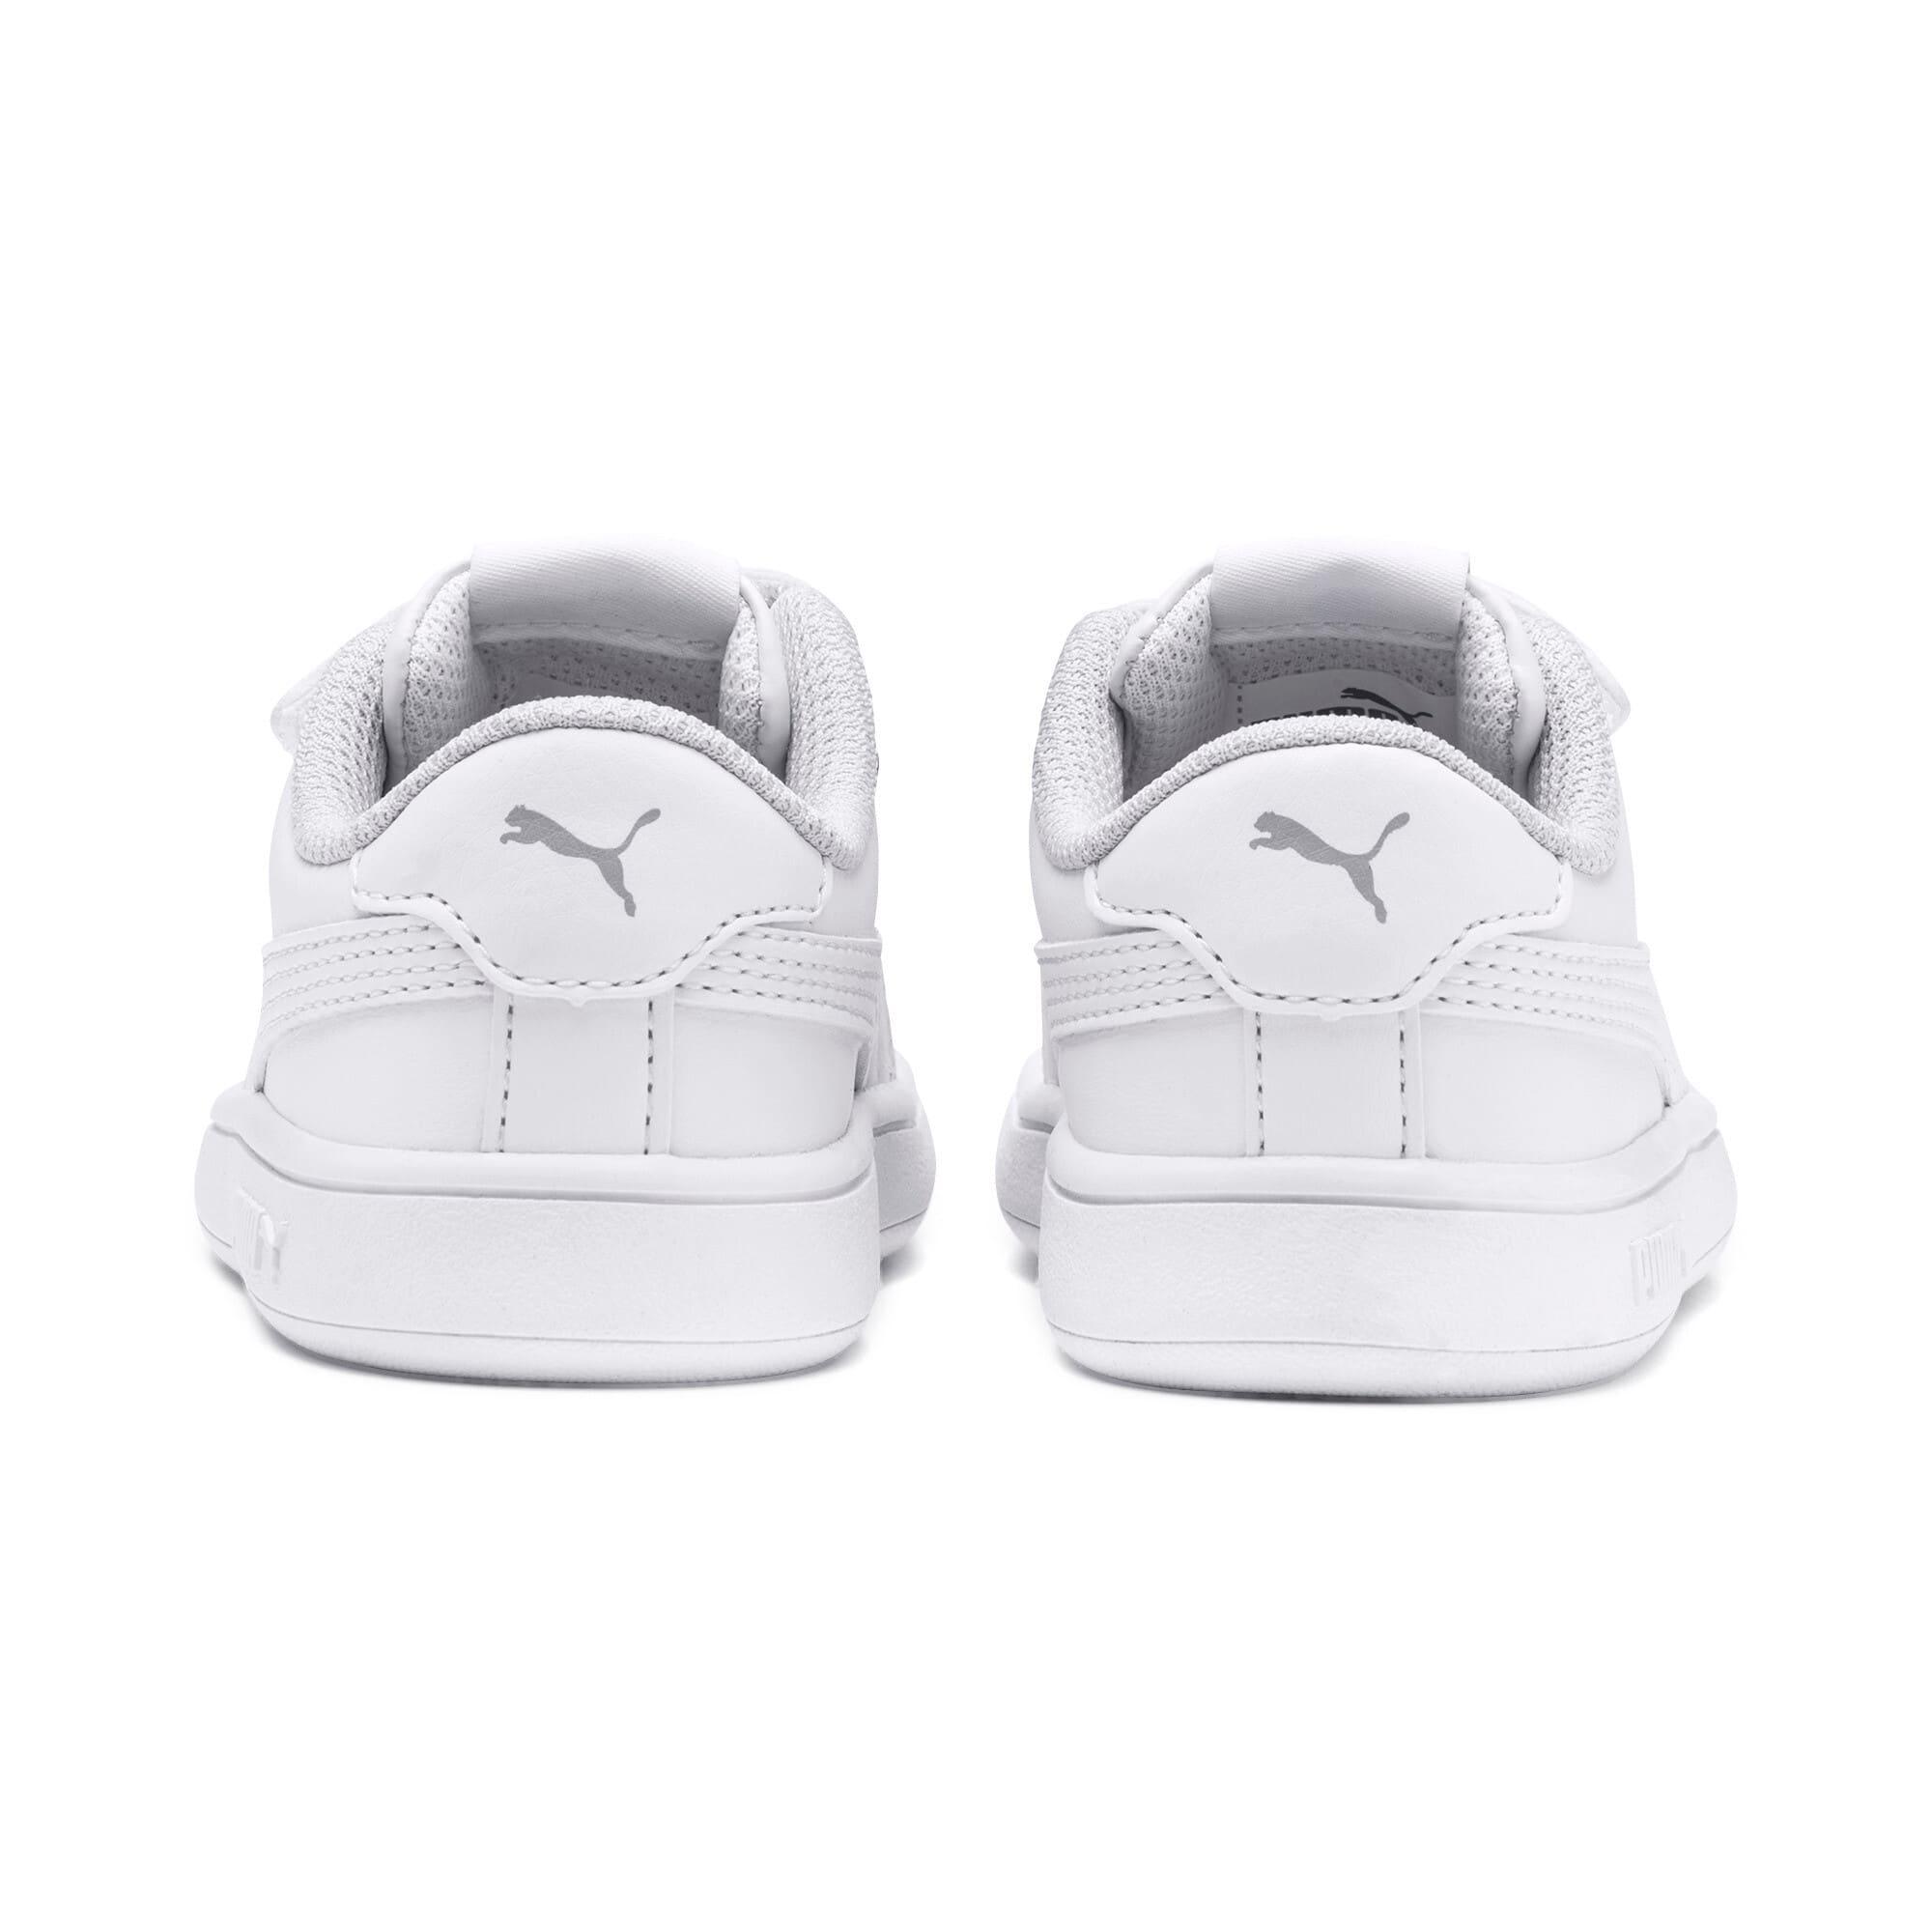 Thumbnail 3 of Puma Smash v2 L V Toddler Shoes, Puma White-Puma White, medium